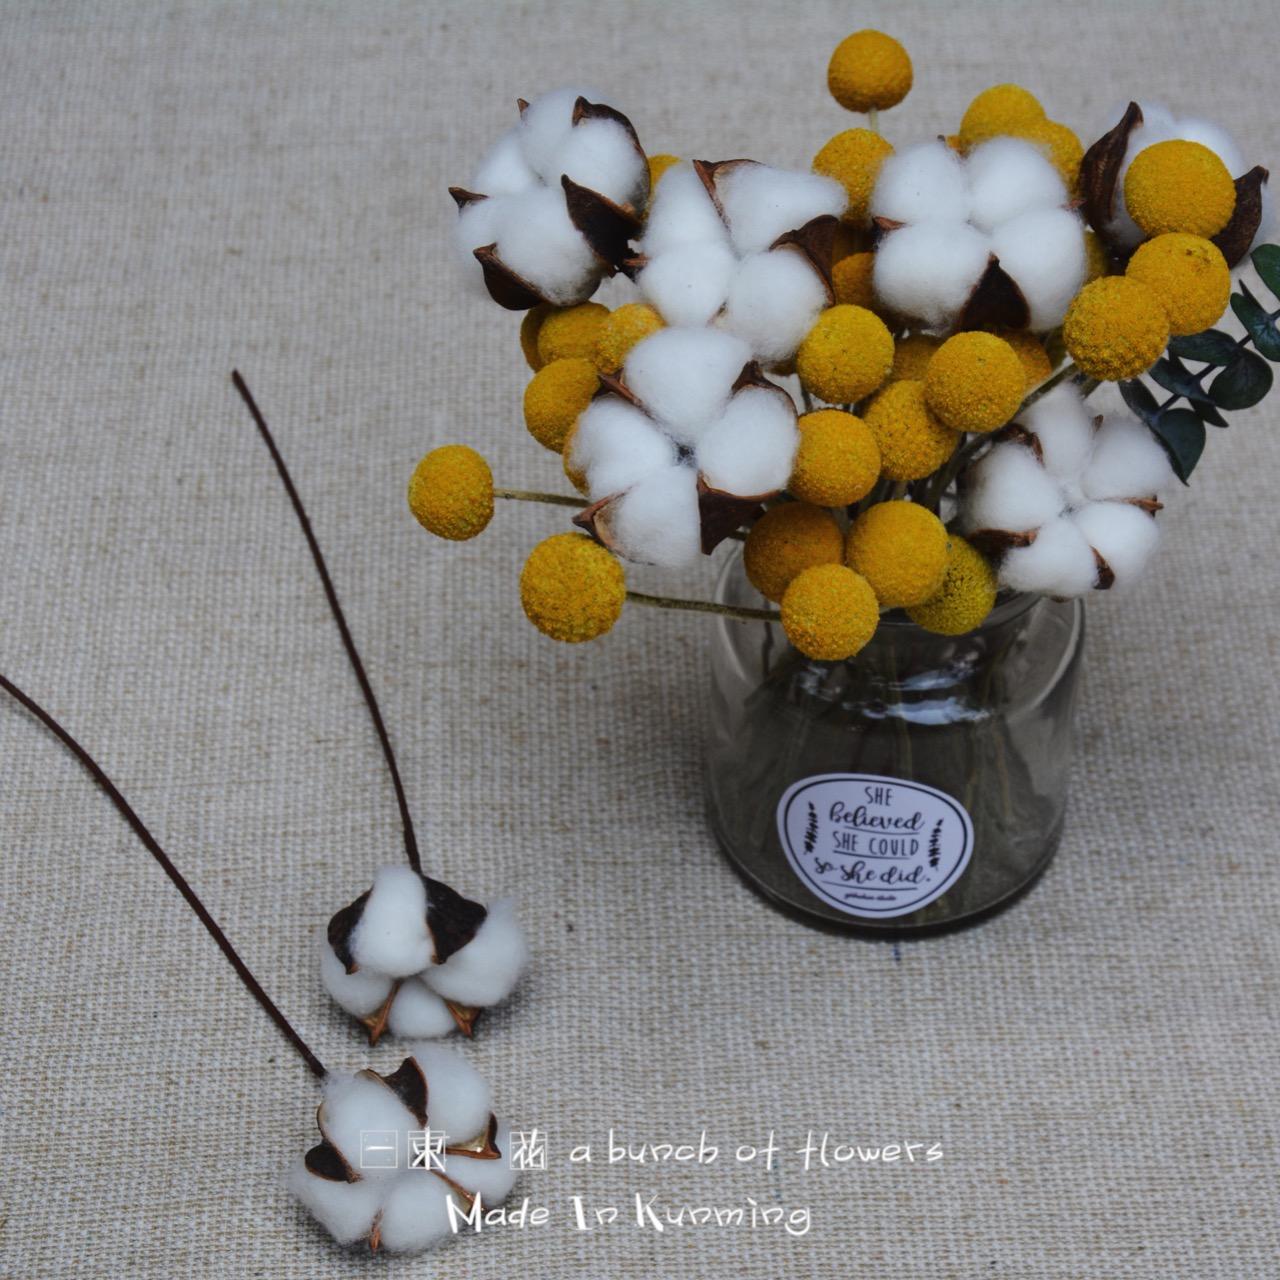 Хлопок сухие цветы один тапок вечная жизнь цветок DIY сухие цветы декоративный украшение букет действительно цветок стрельба реквизит